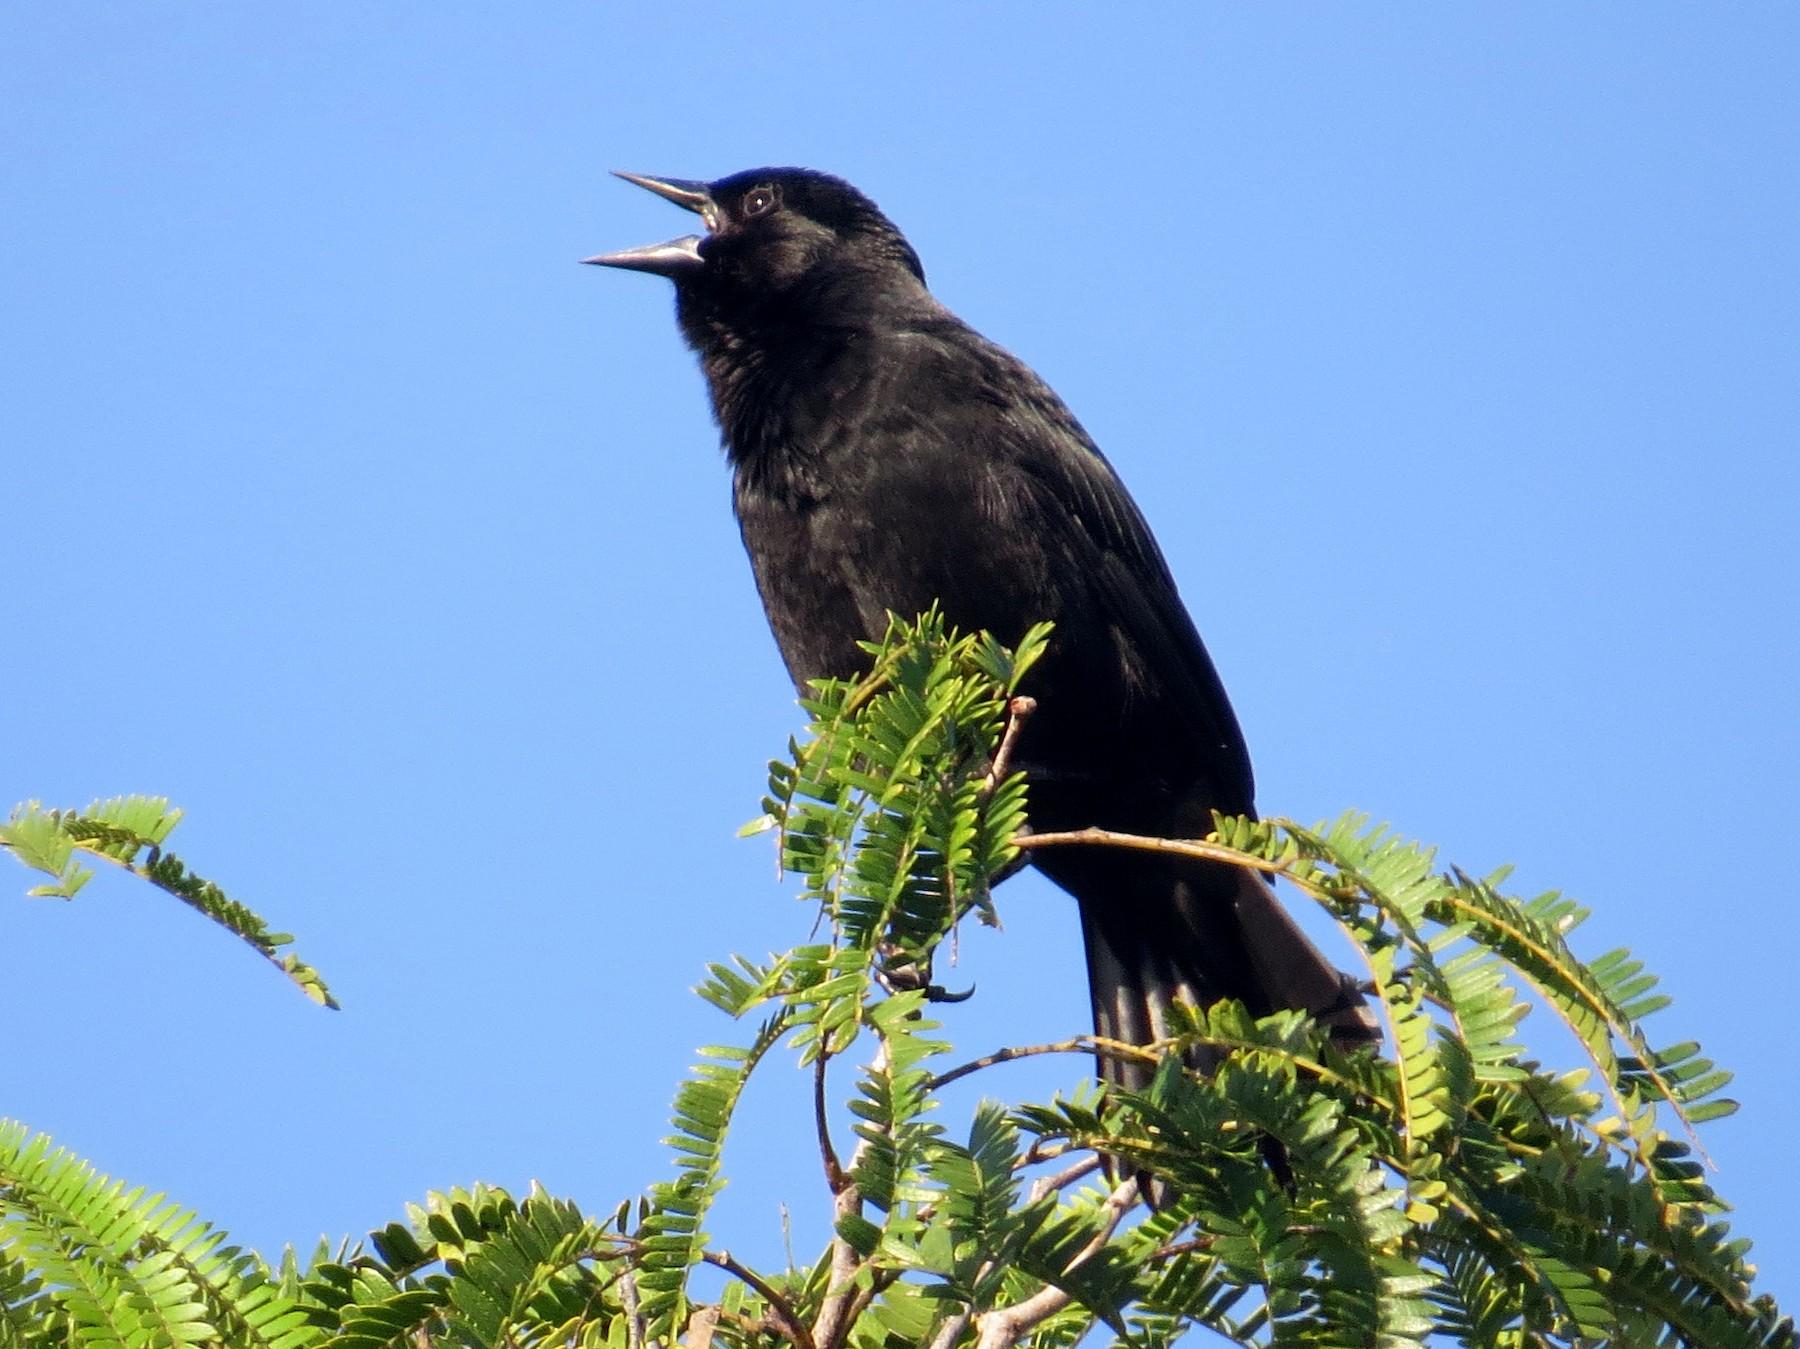 Red-shouldered Blackbird - Aaron Steed